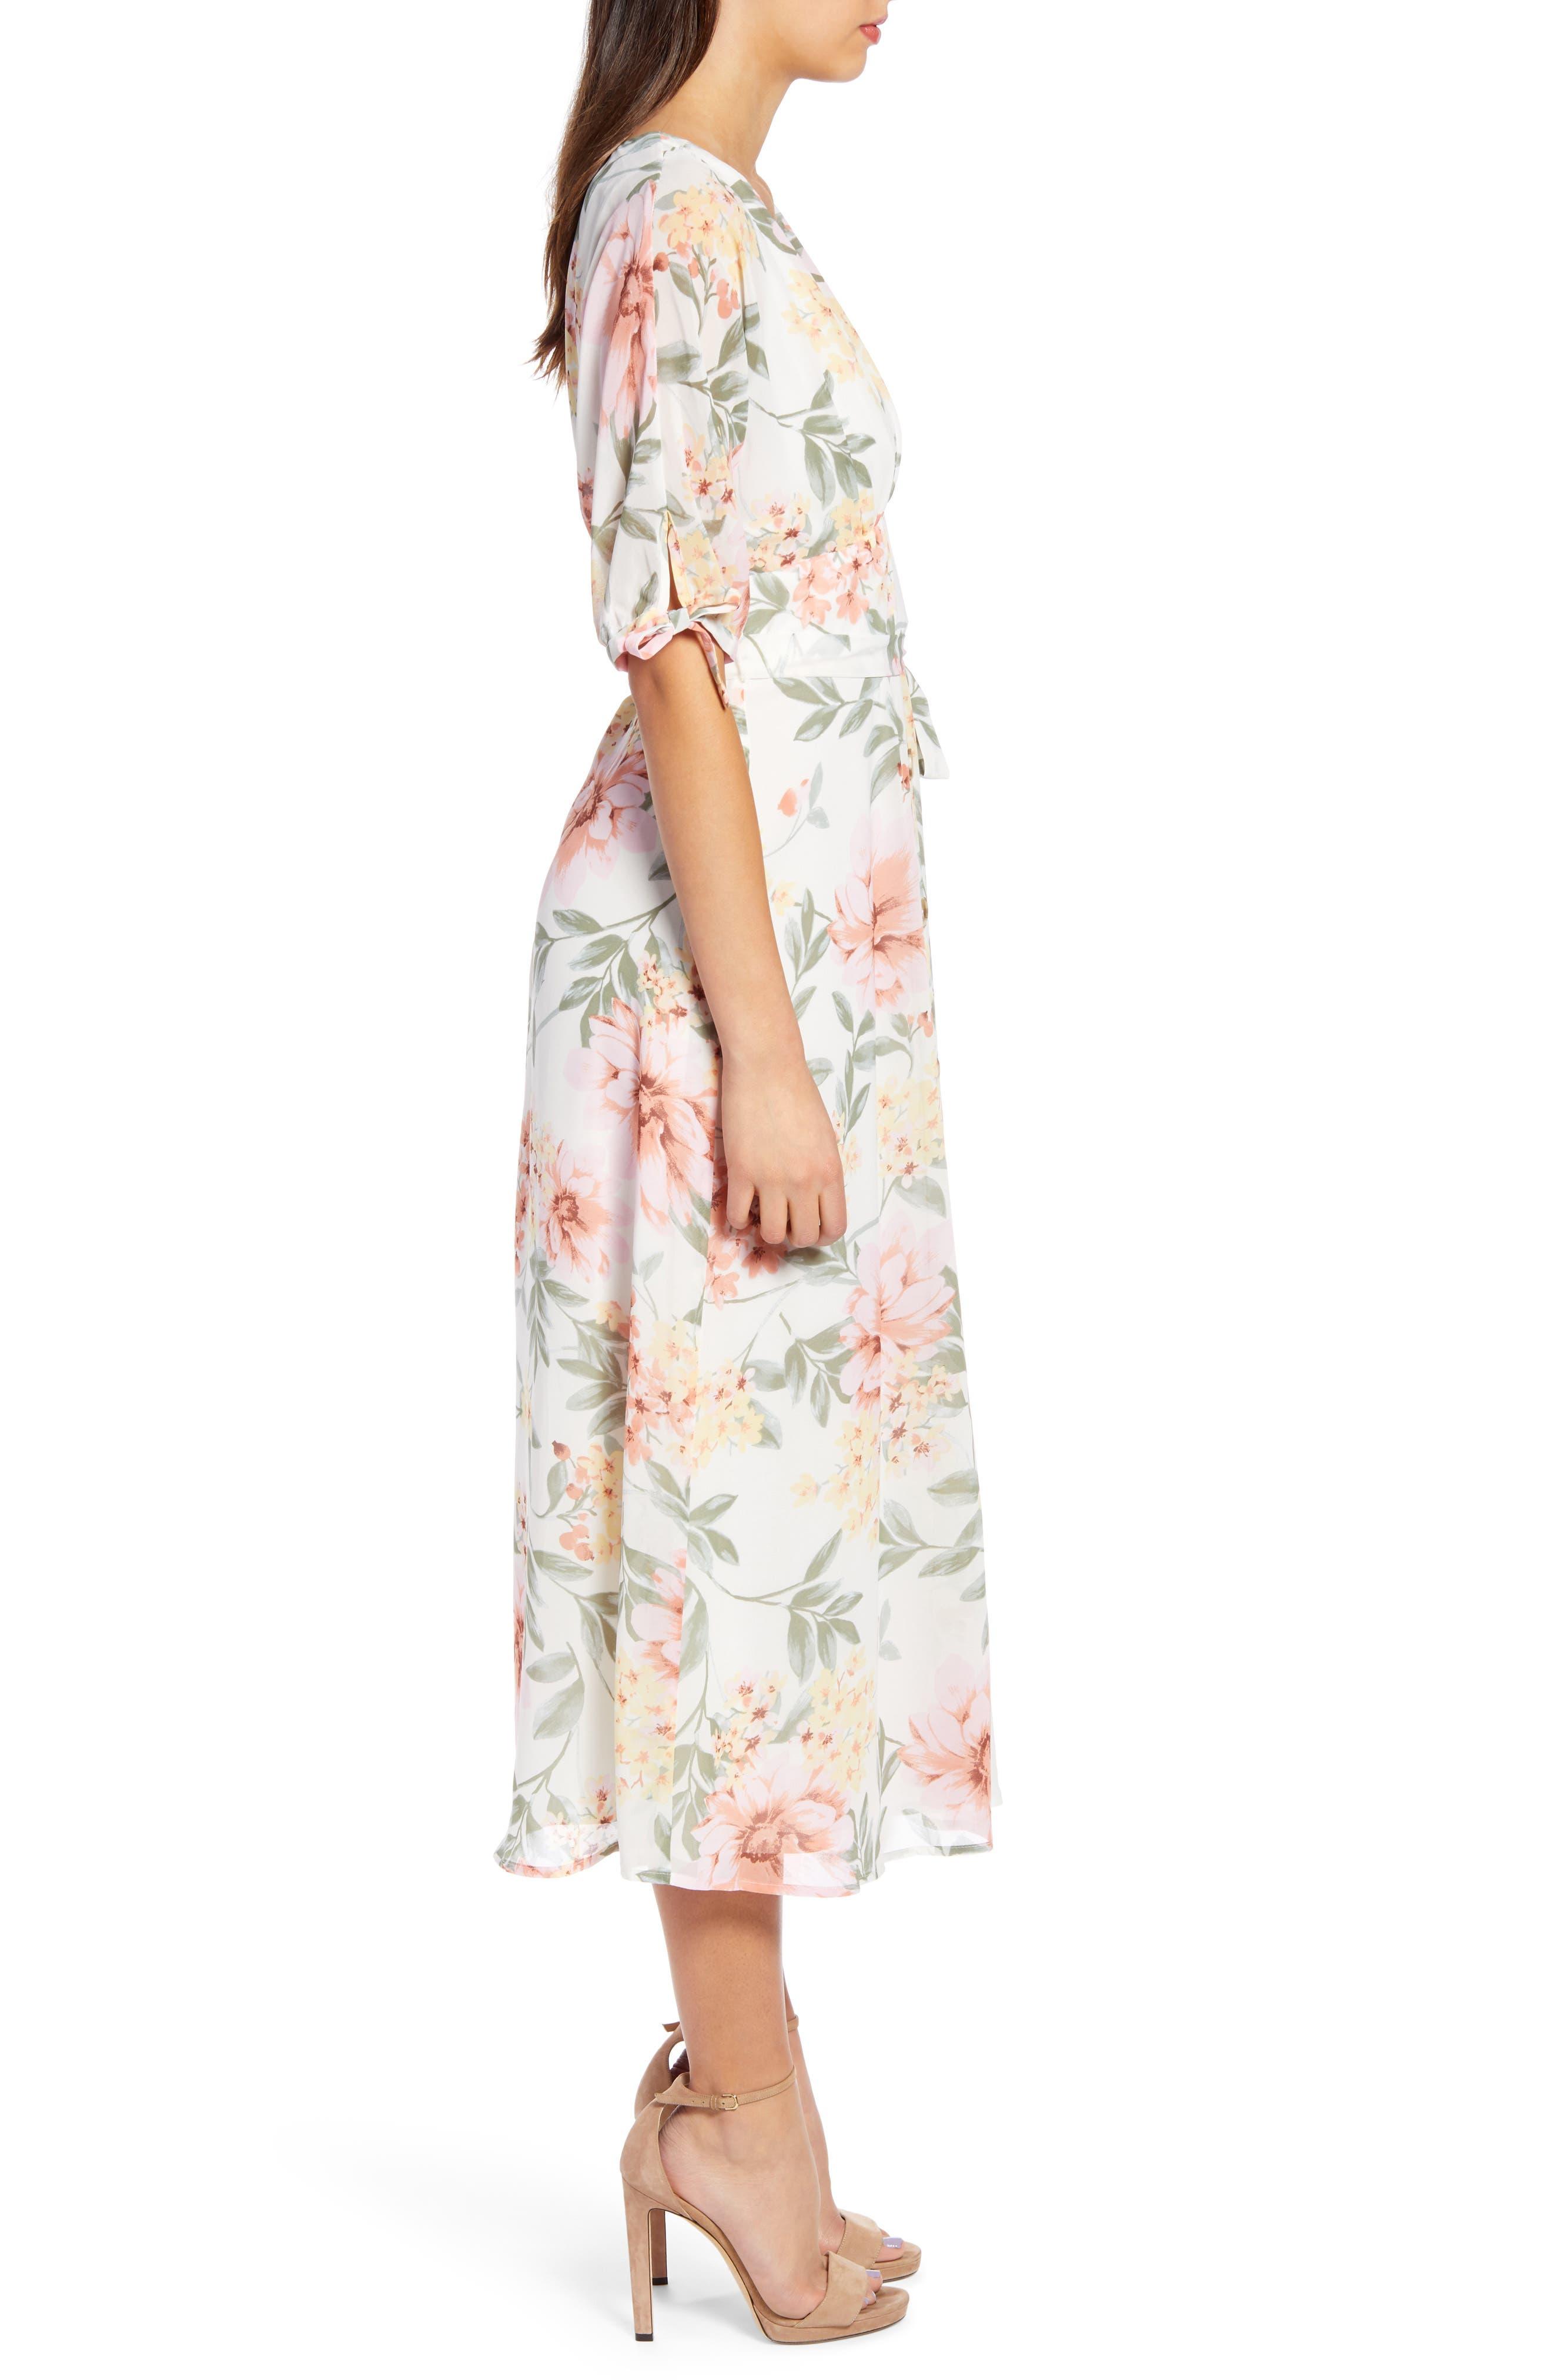 JUNE & HUDSON, Floral V-Neck Tie Front Dress, Alternate thumbnail 4, color, IVORY/ ROSE/ SAGE